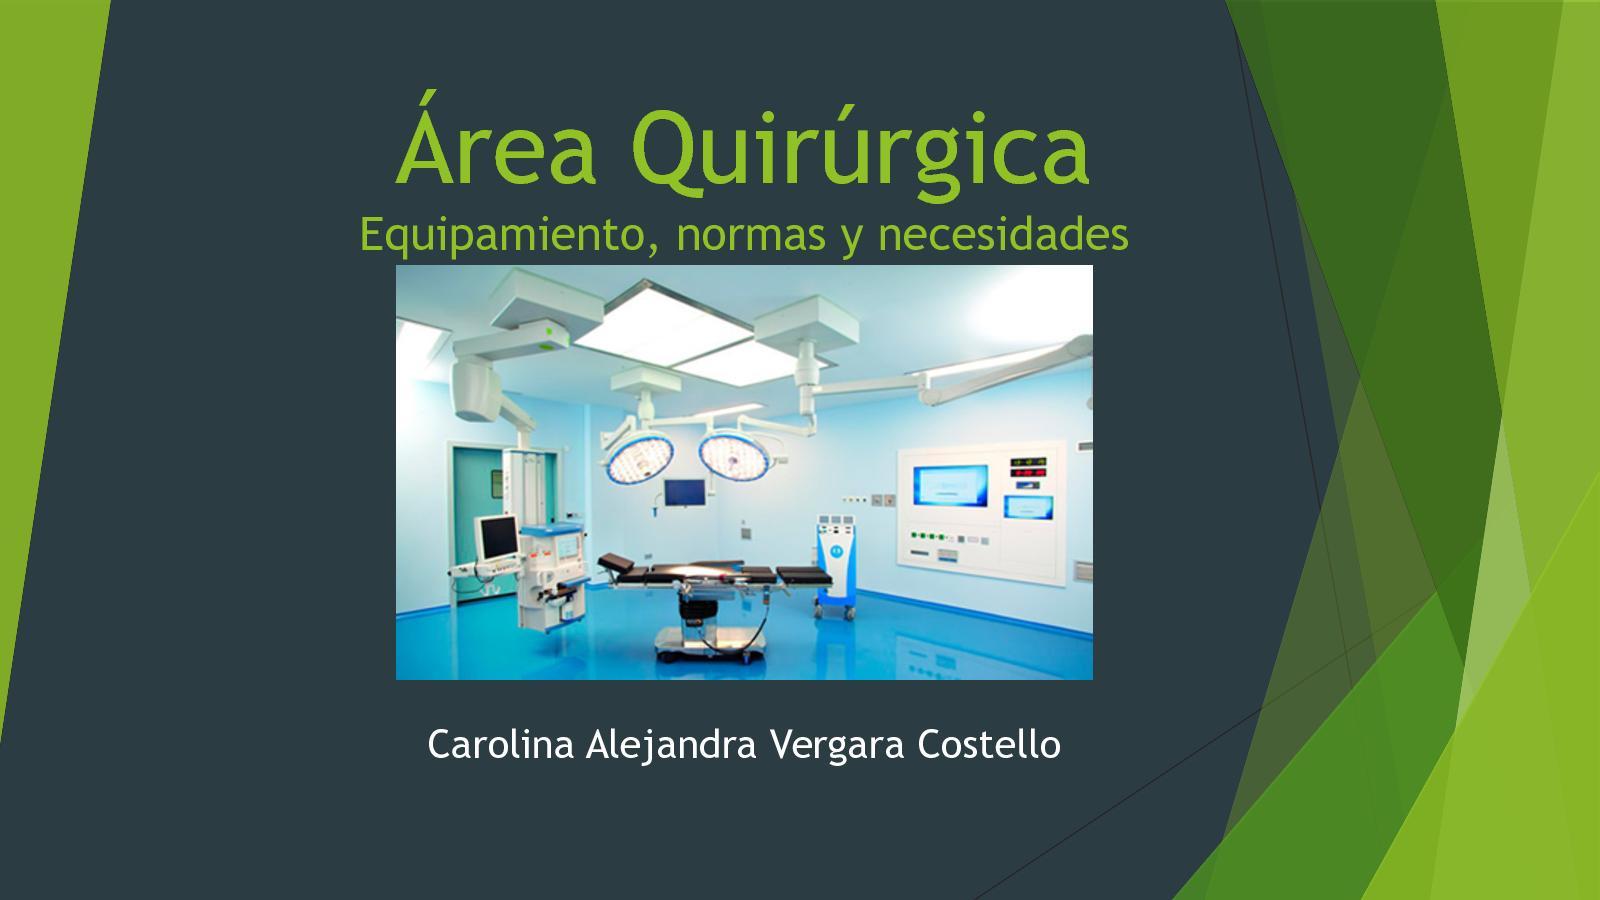 Circuito Quirurgico : Calaméo Área quirúrgica